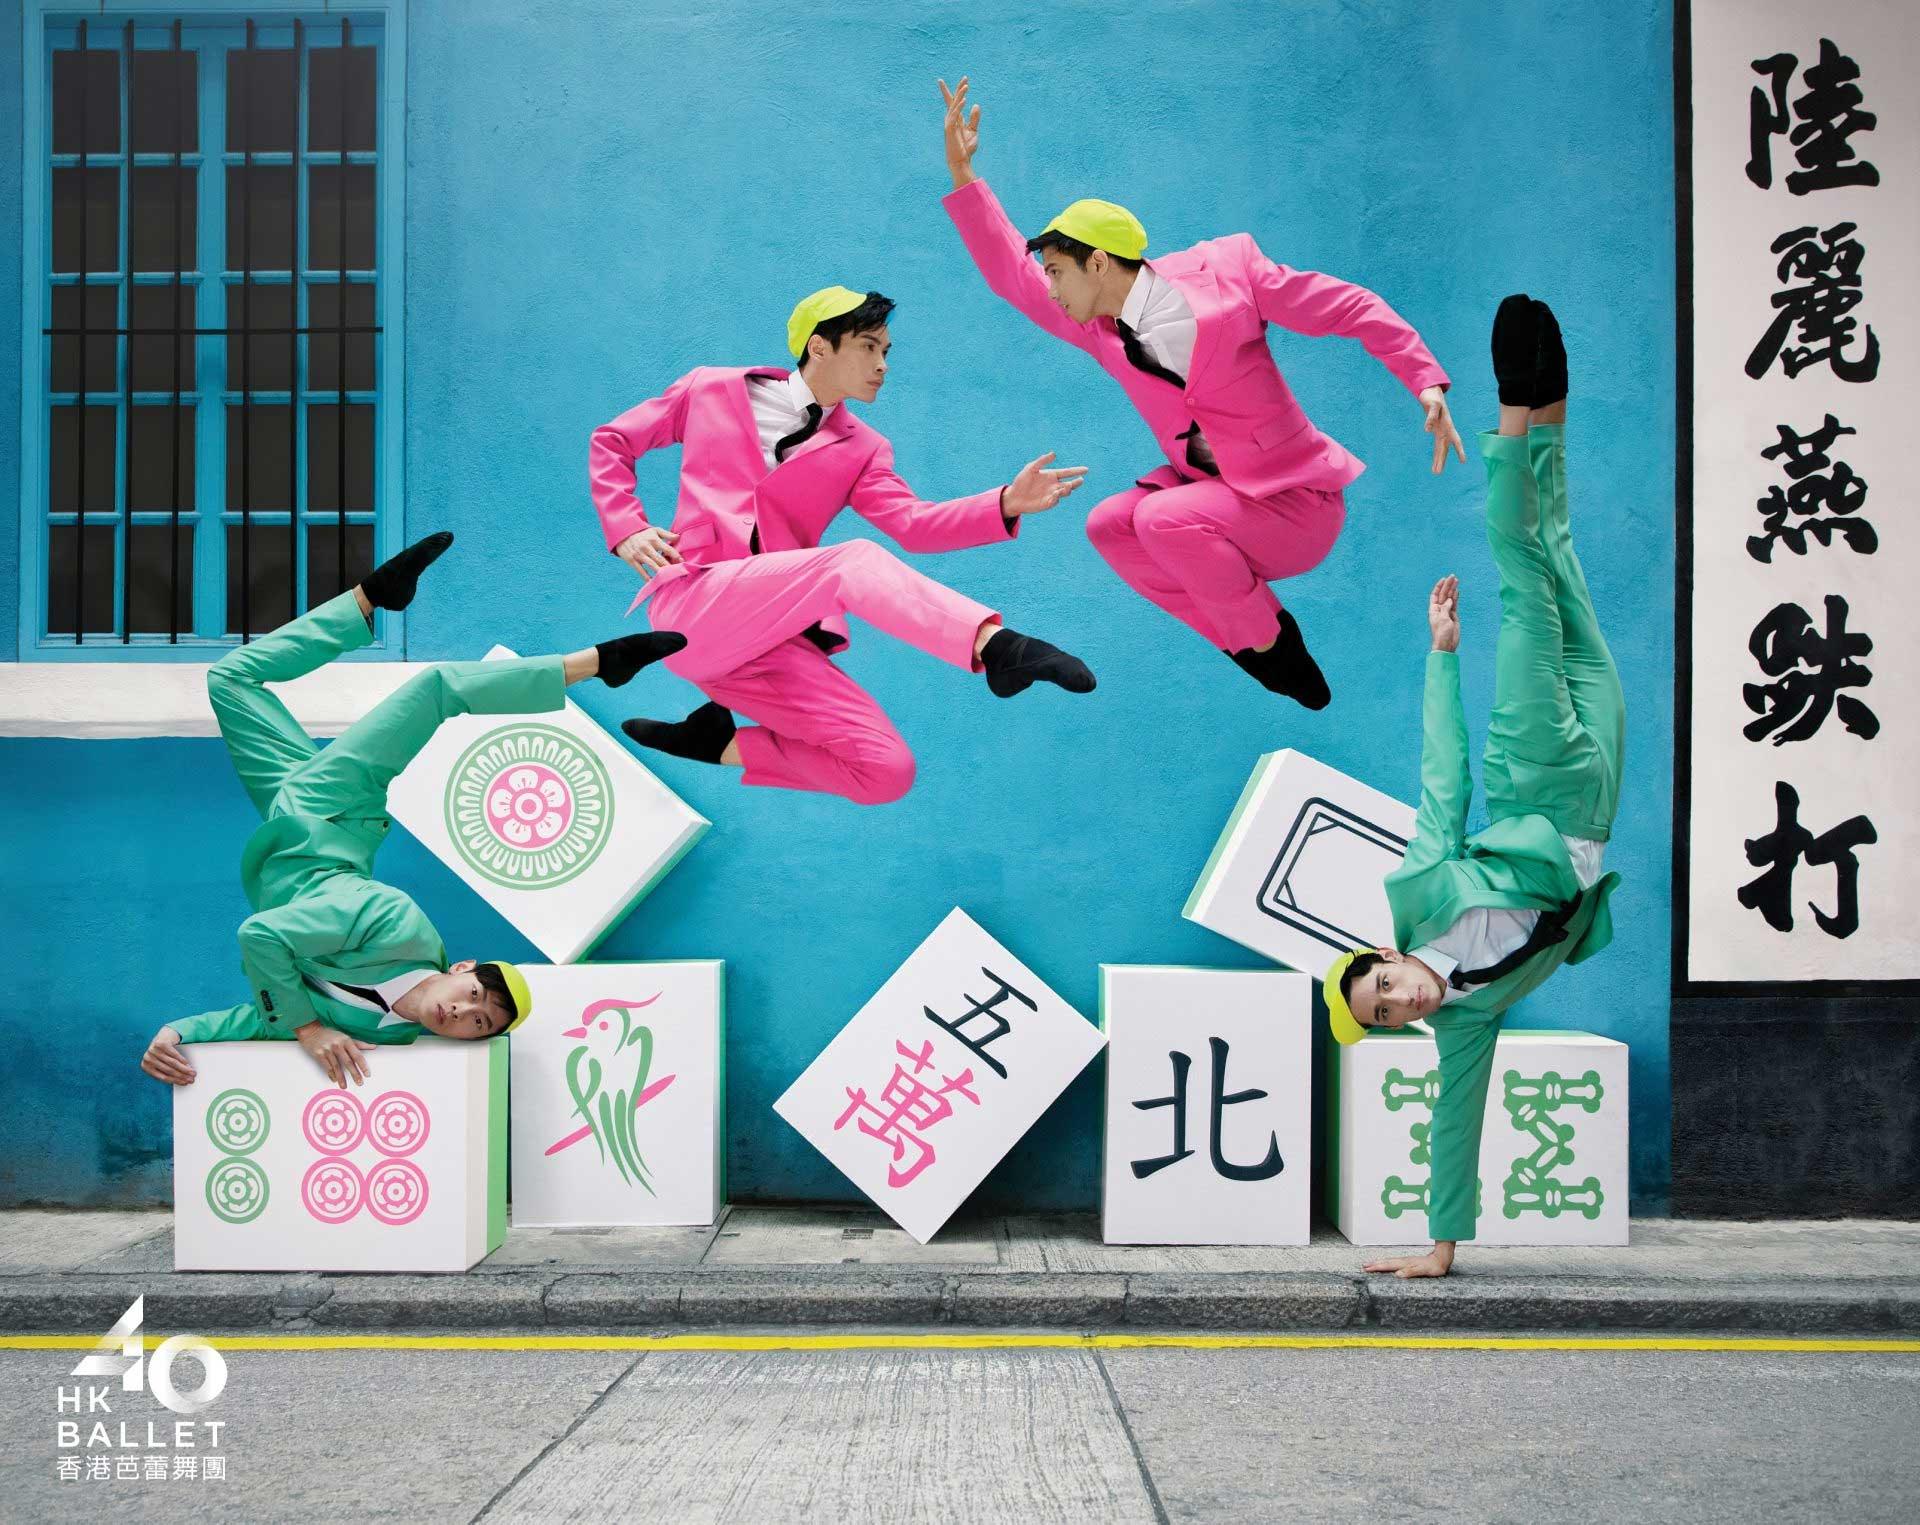 Cooles Video zu 40 Jahren Hong Kong Ballett 40-jahre-hong-kong-ballett_07